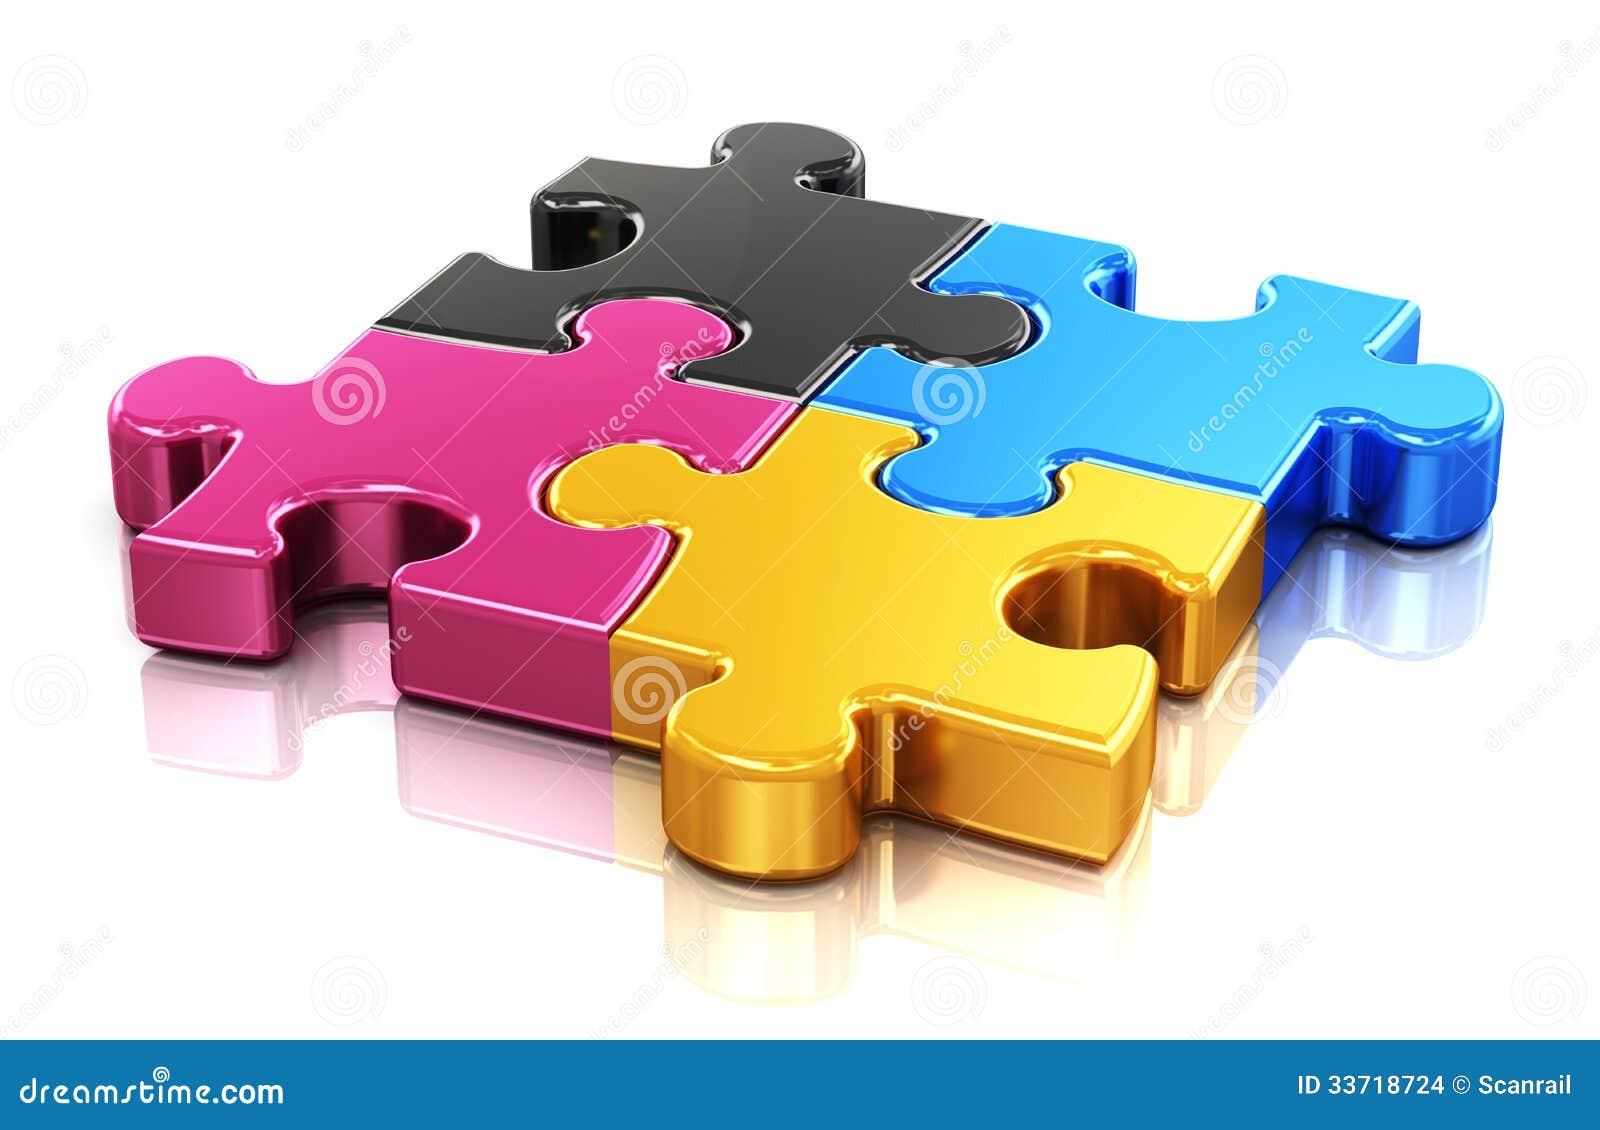 CMYK-Puzzlespiel